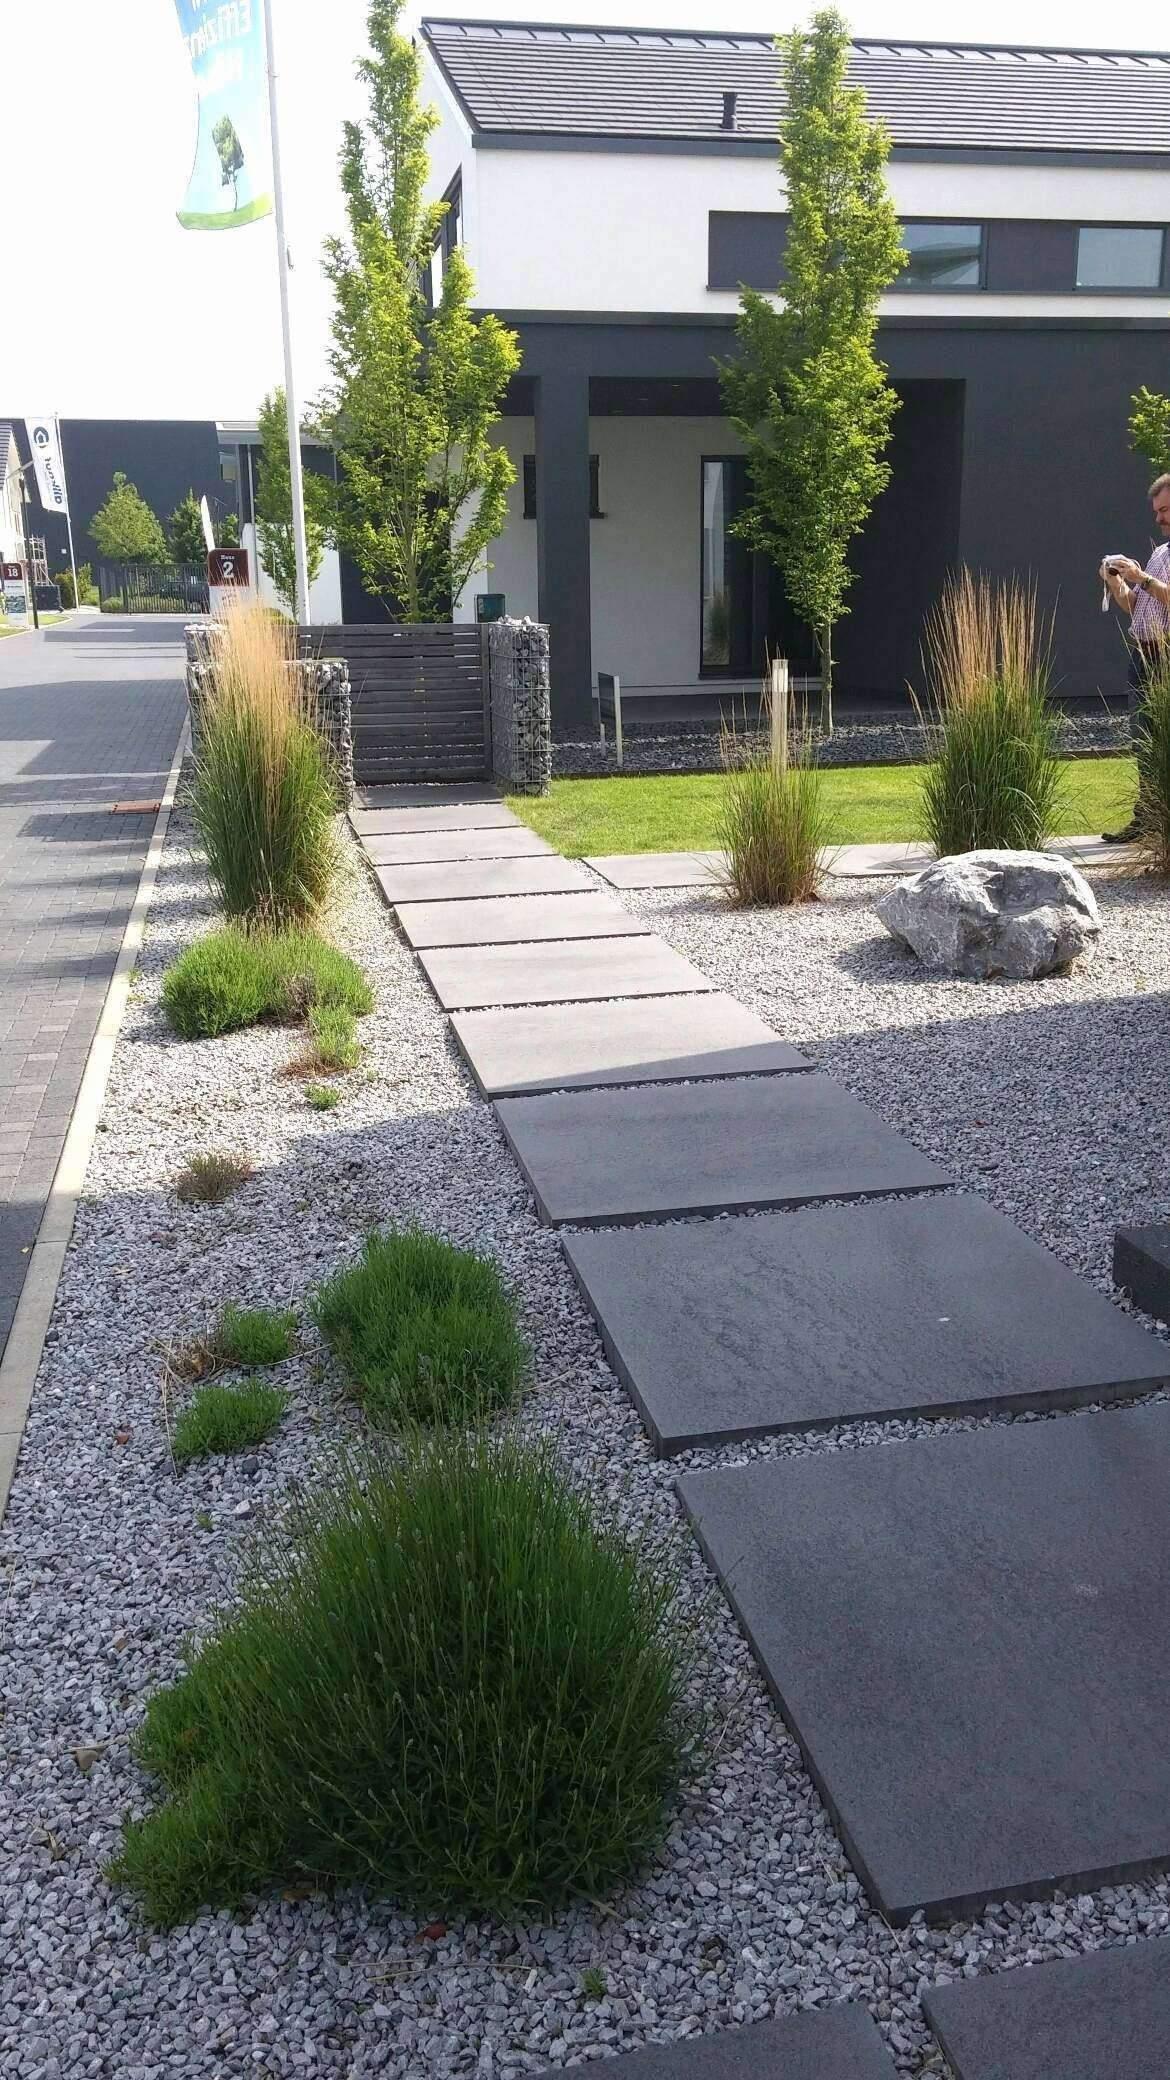 Garten Anlegen Best Of China Garten Elegant Garten Ideas Garten Anlegen Lovely